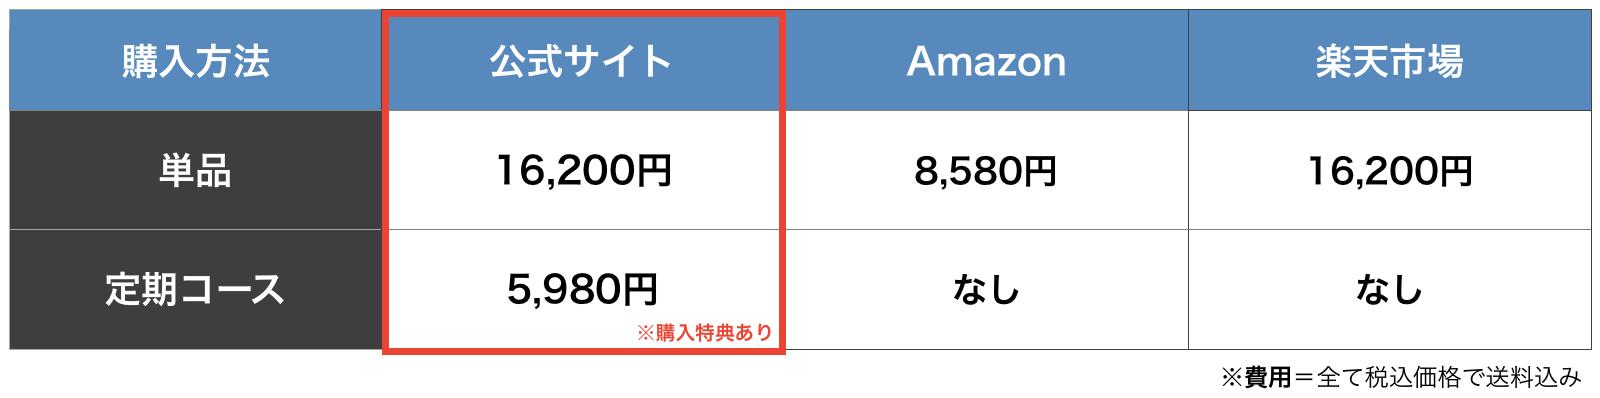 ブブカゼロの購入方法を公式サイト・楽天・amazonで比較